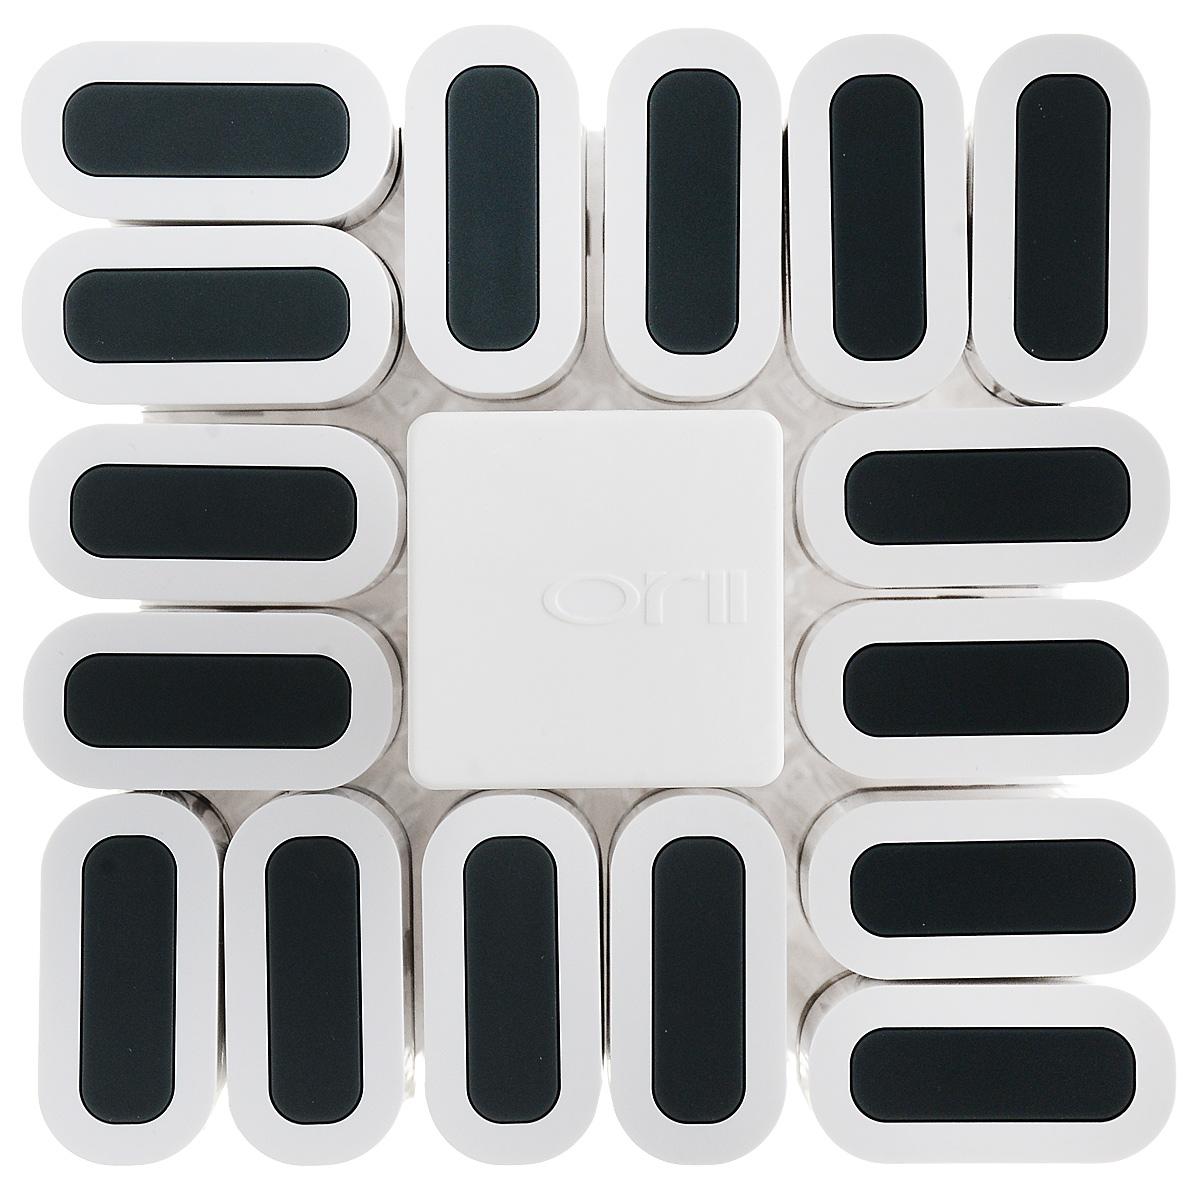 """Набор для специй """"Weifang Sunnycal Co., Ltd."""" включает 16 емкостей для специй, расположенных  на оригинальной крутящейся подставке, благодаря чему емкости не потеряются и всегда будут у  вас под рукой. Емкости выполнены из высококачественного, легкого пластика и снабжены  небольшими крышками. Герметичное закрытие обеспечивает самое лучшее хранение. Благодаря  небольшим отверстиям удобно насыпать специи.  Модный и элегантный дизайн набора  украсит интерьер вашей кухни. Наслаждайтесь приготовлением пищи с вашим набором баночек  для специй.  Размер емкости: 15,5 х 3,7 х 1,8 см.  Размер подставки: 12 х 12 х 20,5 см."""